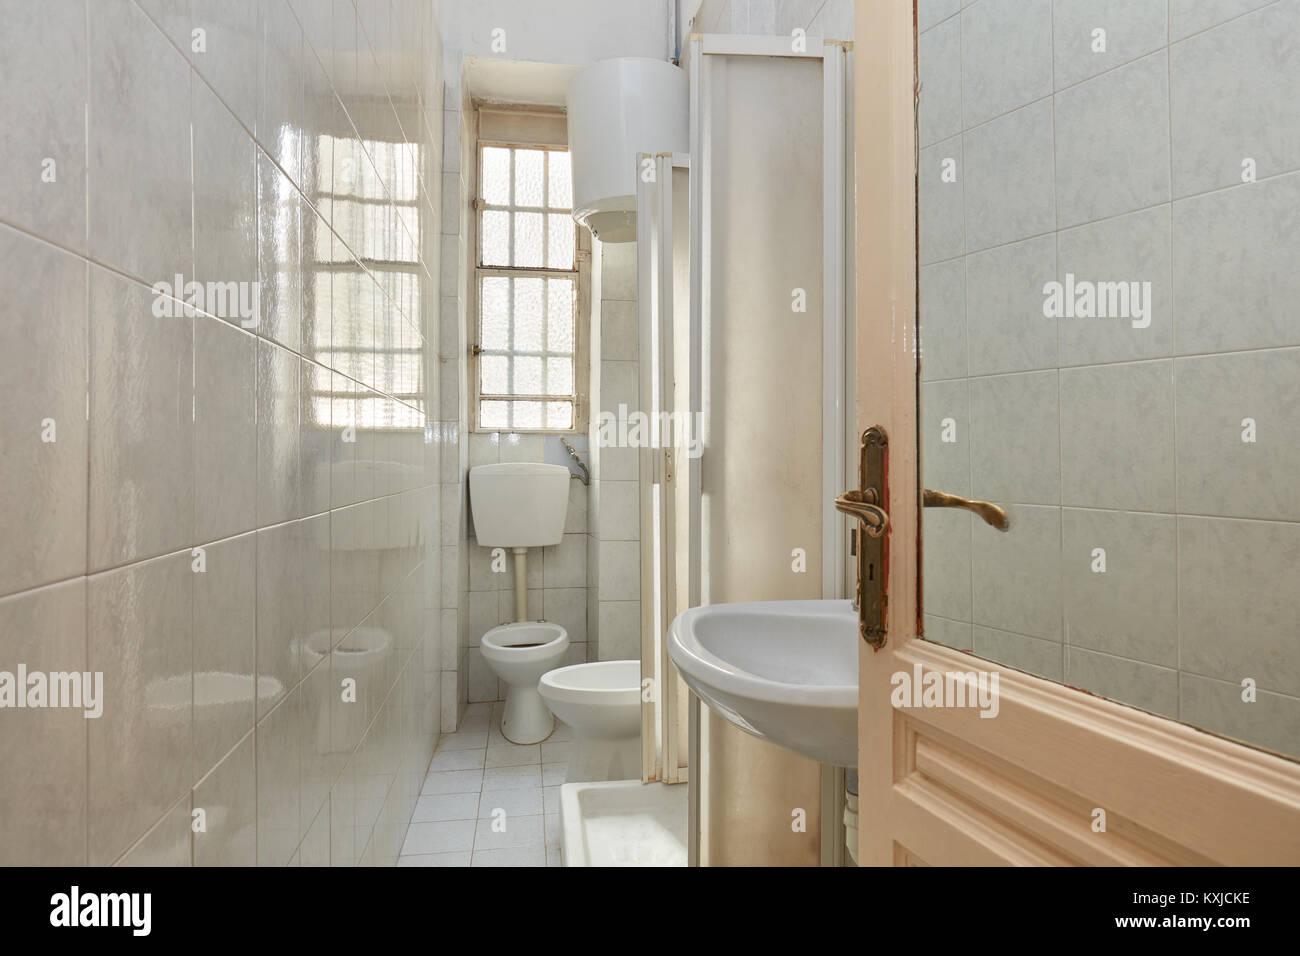 Fußboden Bad ~ Farbwirkung am boden tipps für den perfekten fußboden thelondon club